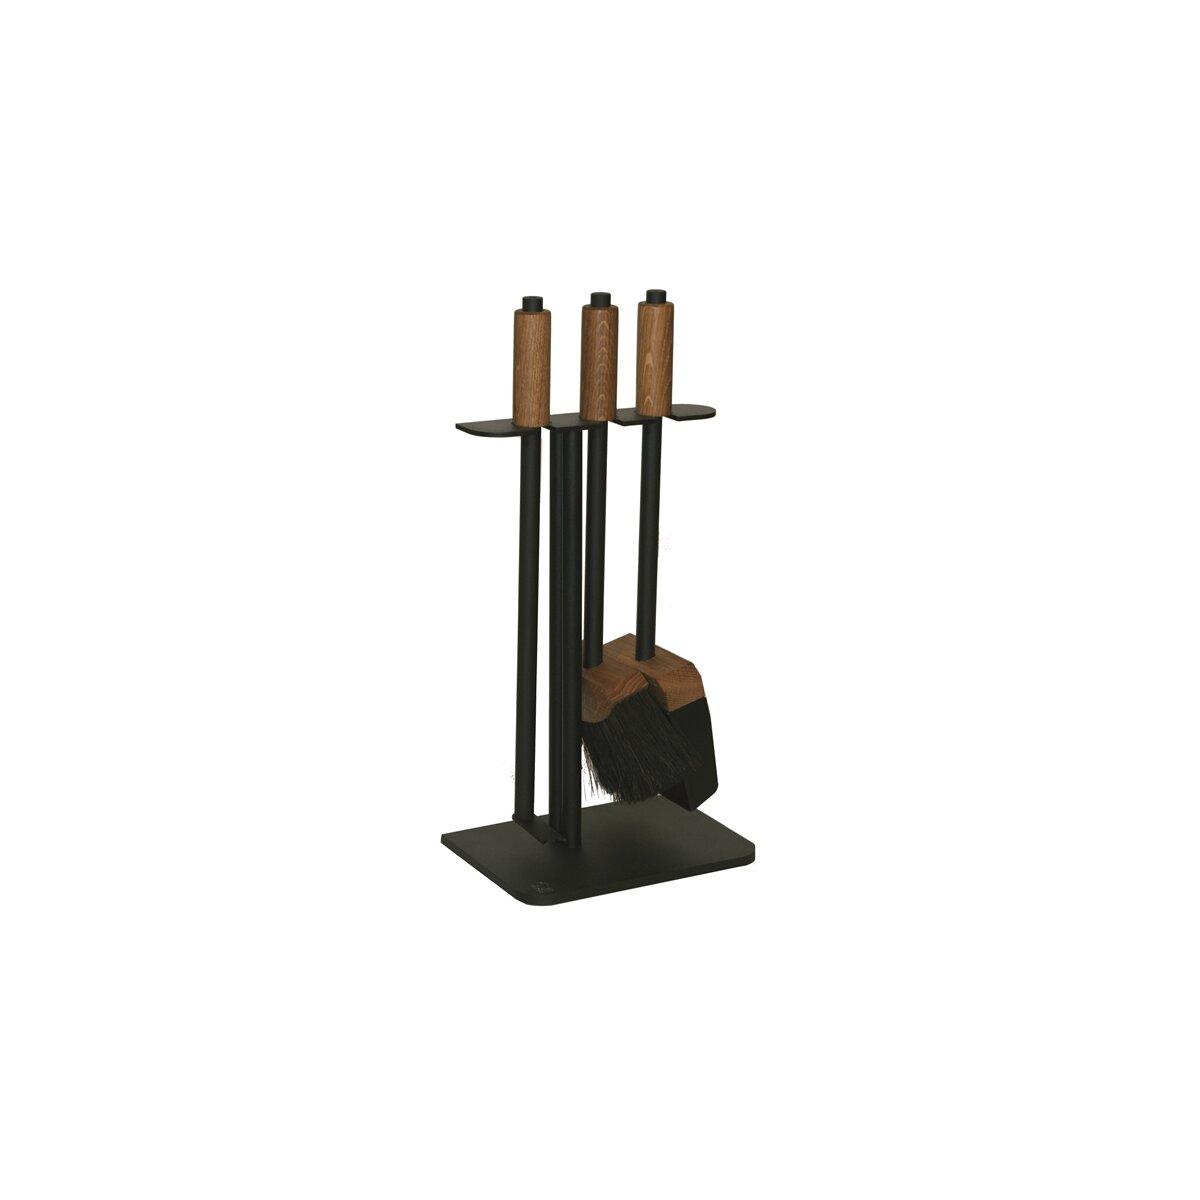 Kaminbesteck Red Anvil Black Boom 3 209 58 Von Red Anvil Gmbh Mit Beratung Gunstig Online Kaufen